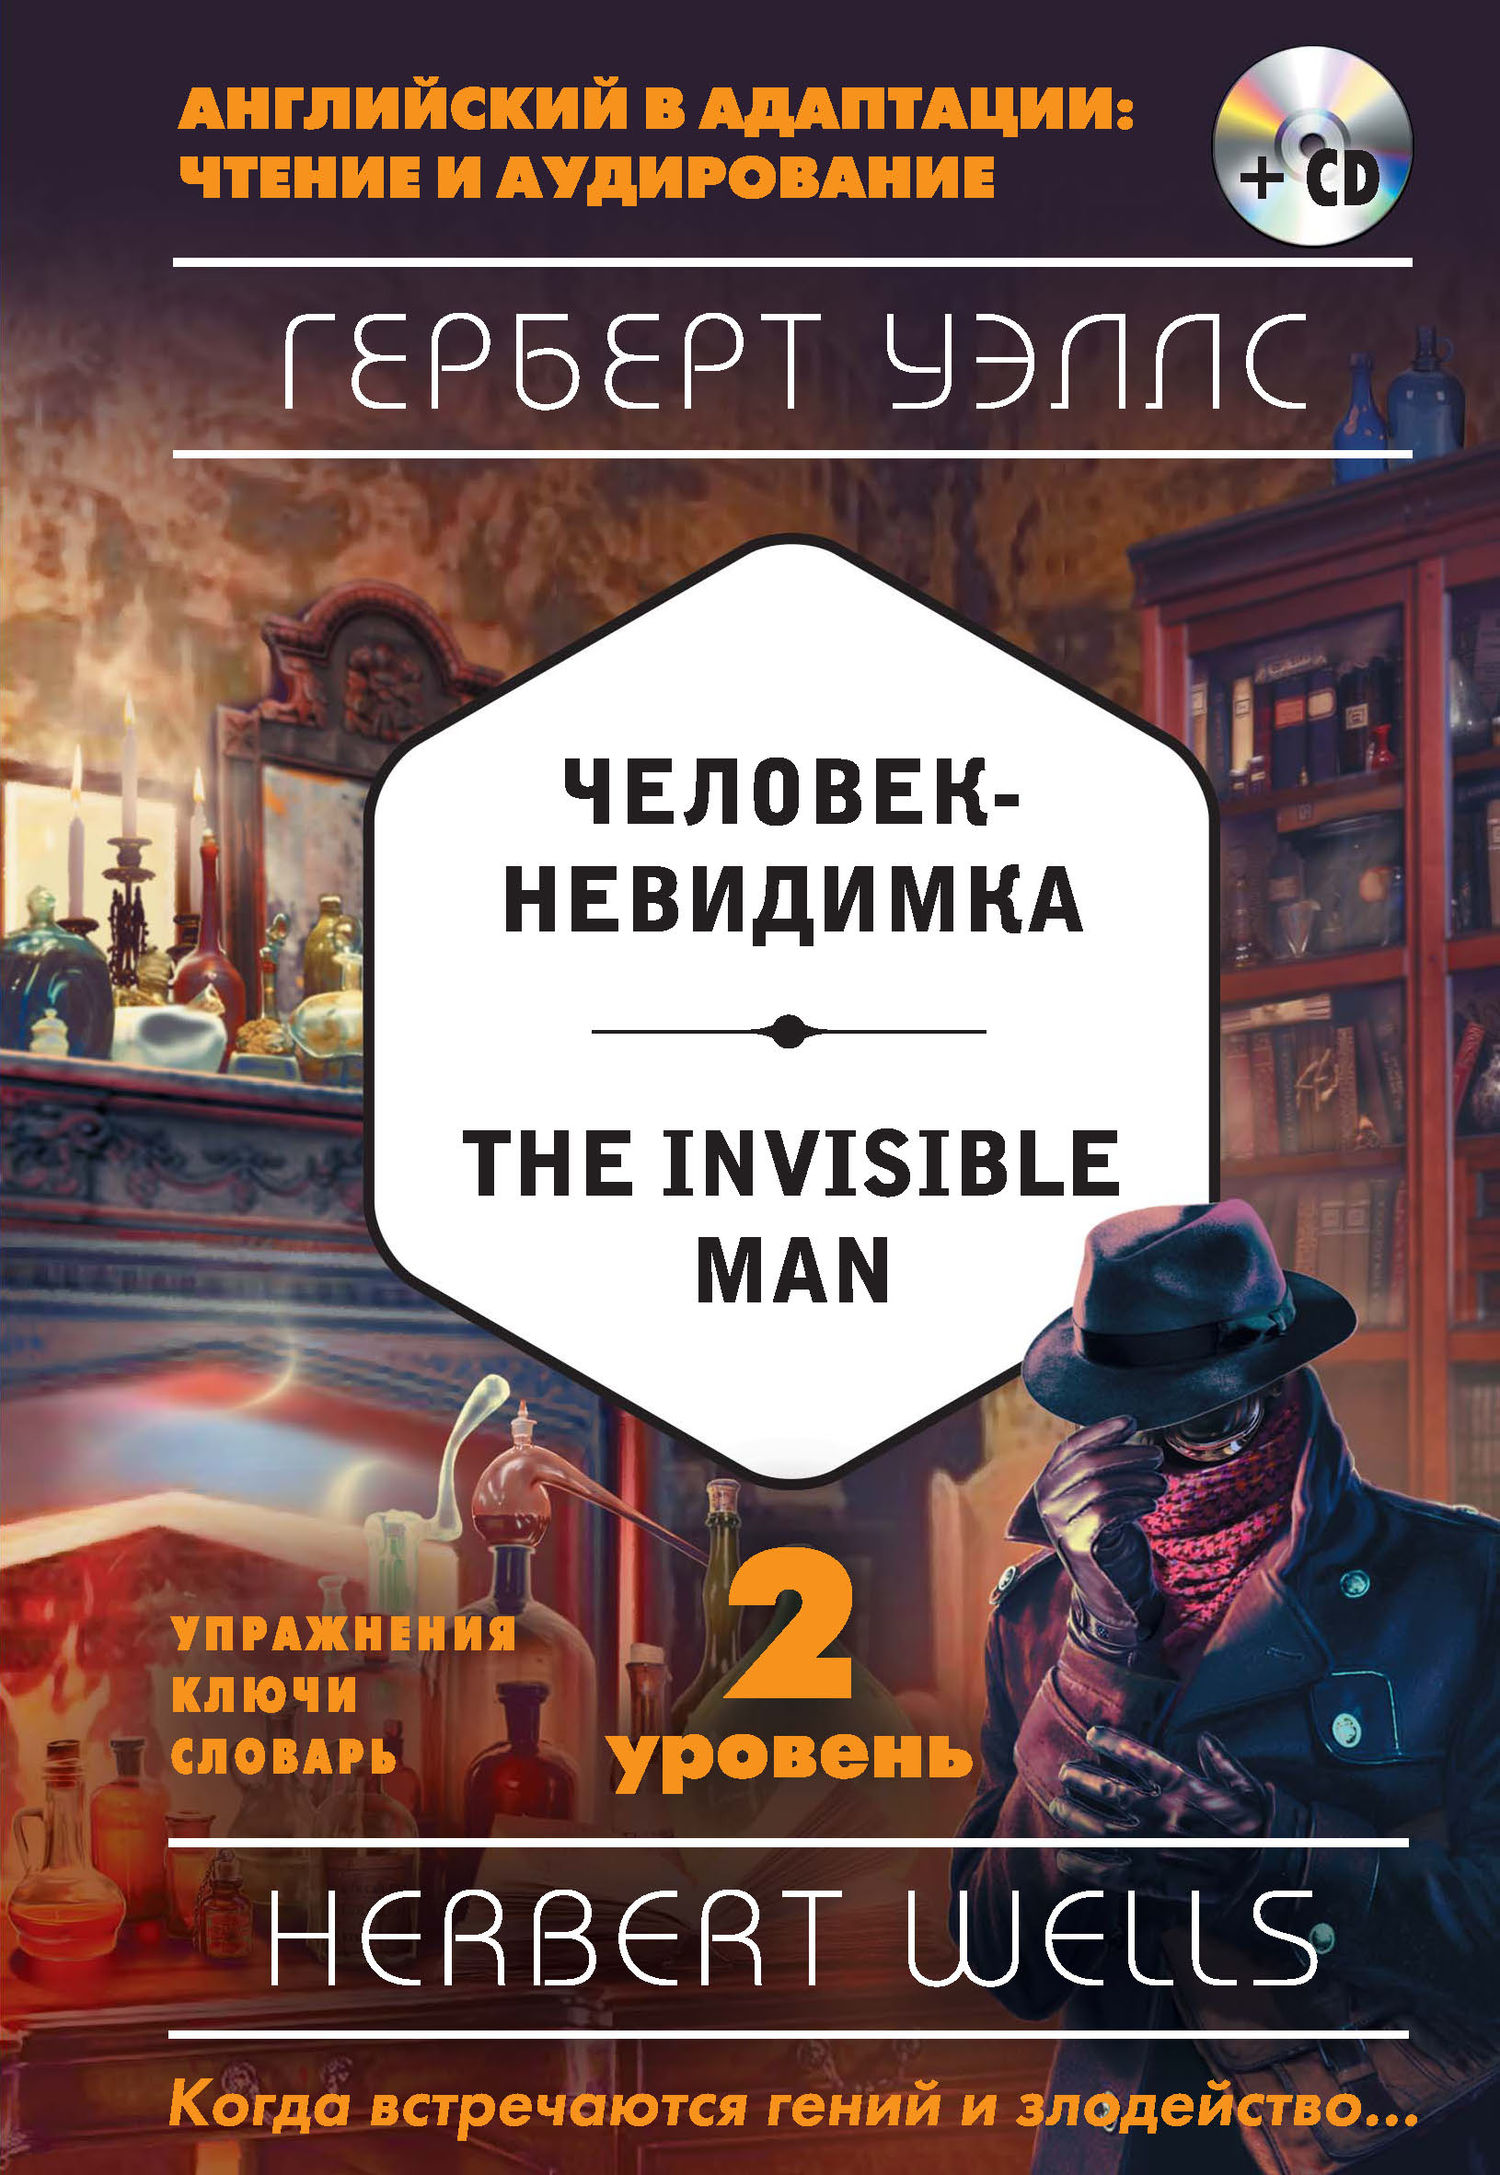 Герберт Уэллс. Человек-невидимка / The Invisible Man. 2 уровень (+MP3)